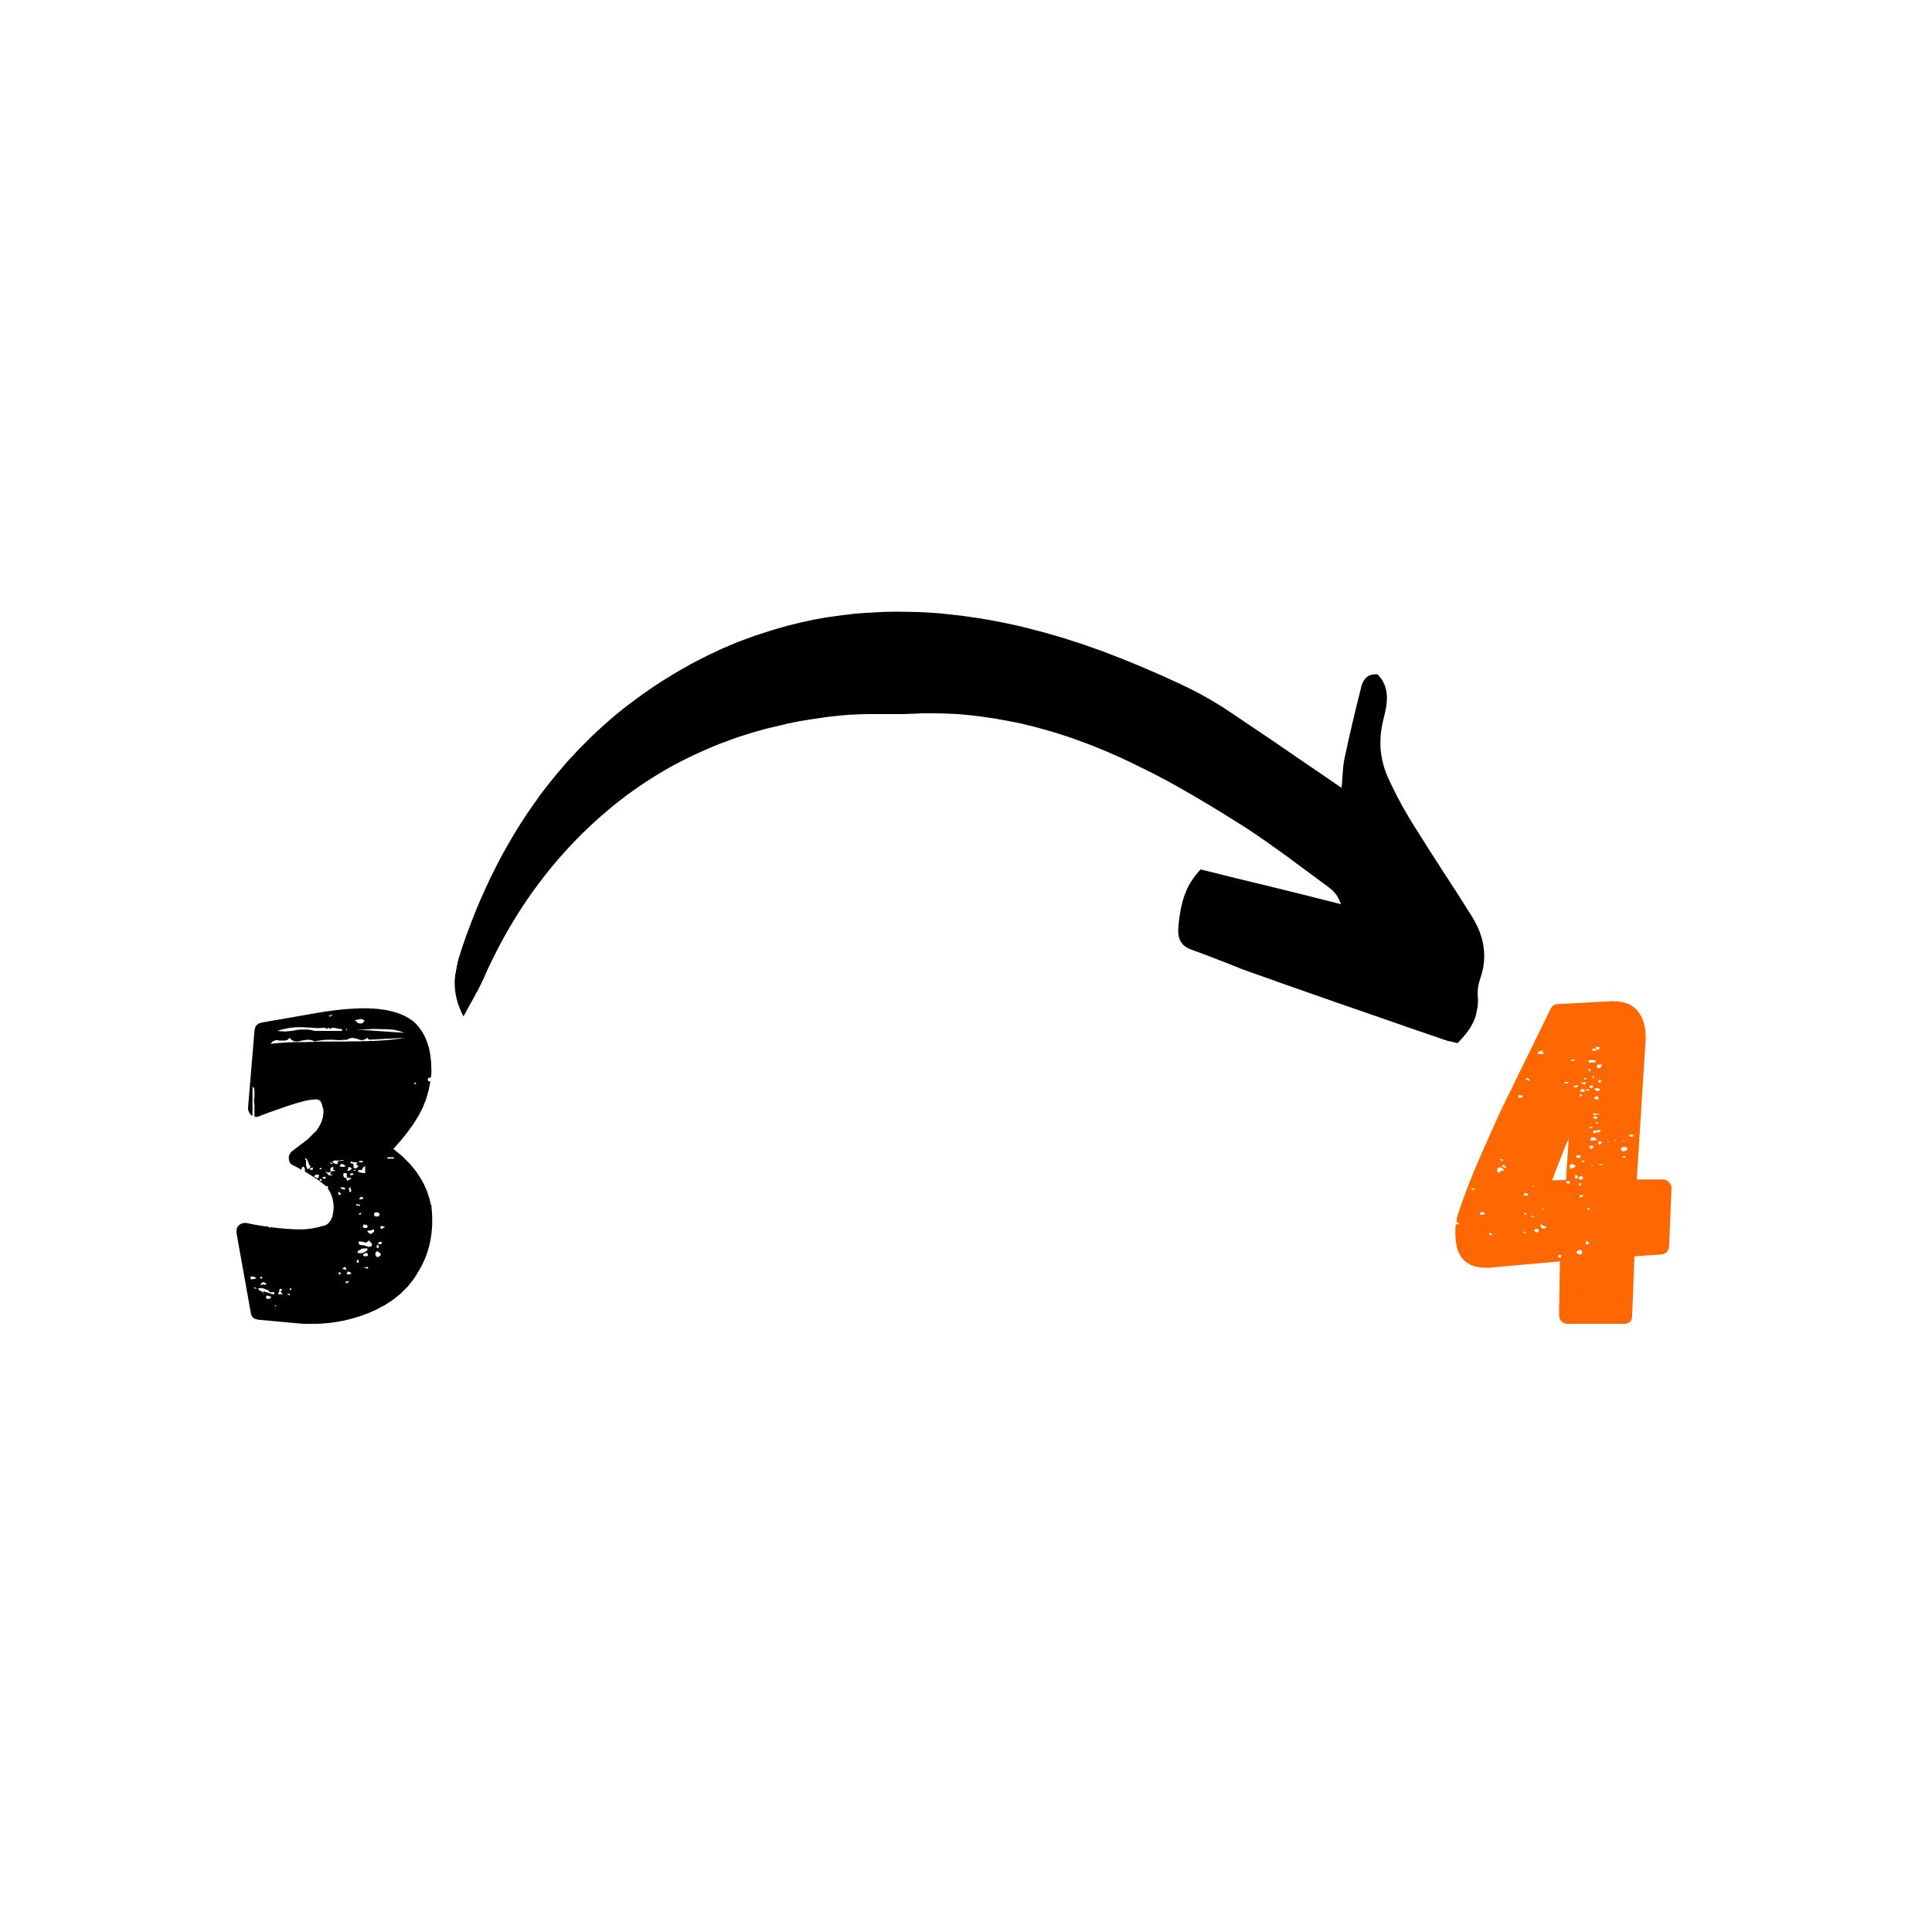 Übergang von 3 zu 4